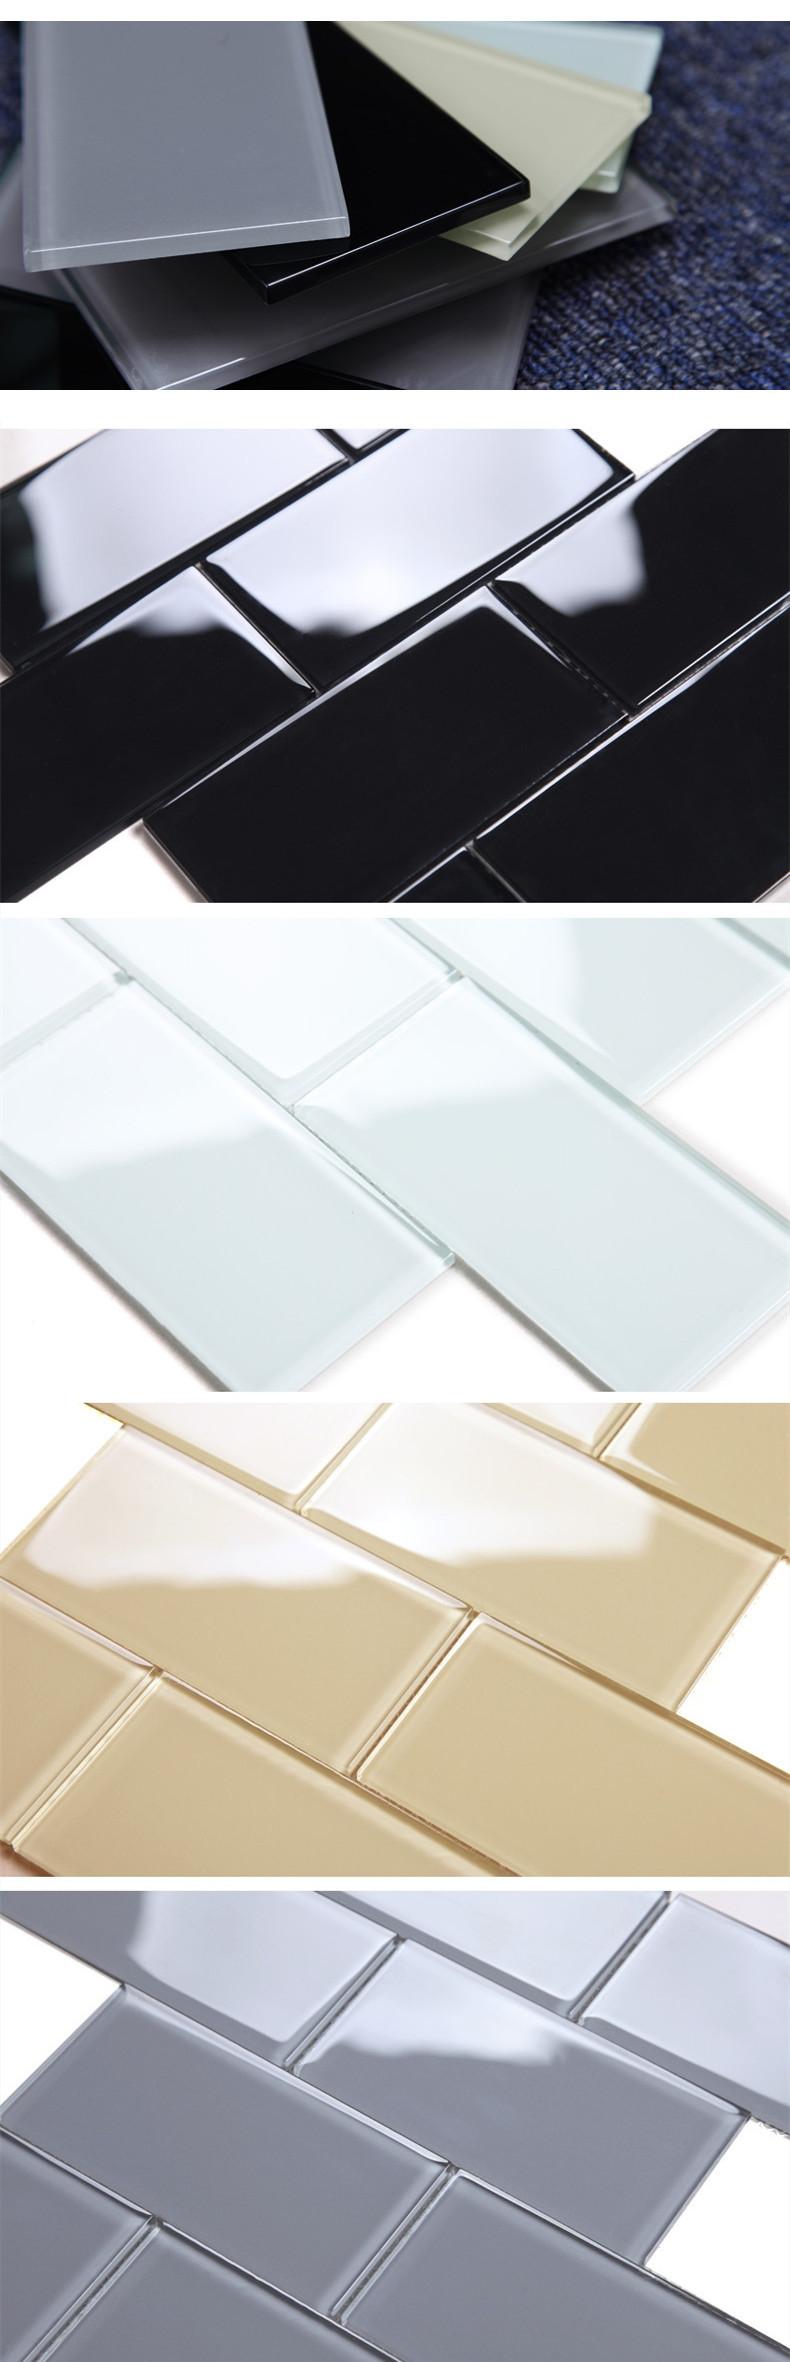 Black color tiles kitchen glass subway tile prices for bathroom black color tiles kitchen glass subway tile prices for bathroom wall dailygadgetfo Choice Image